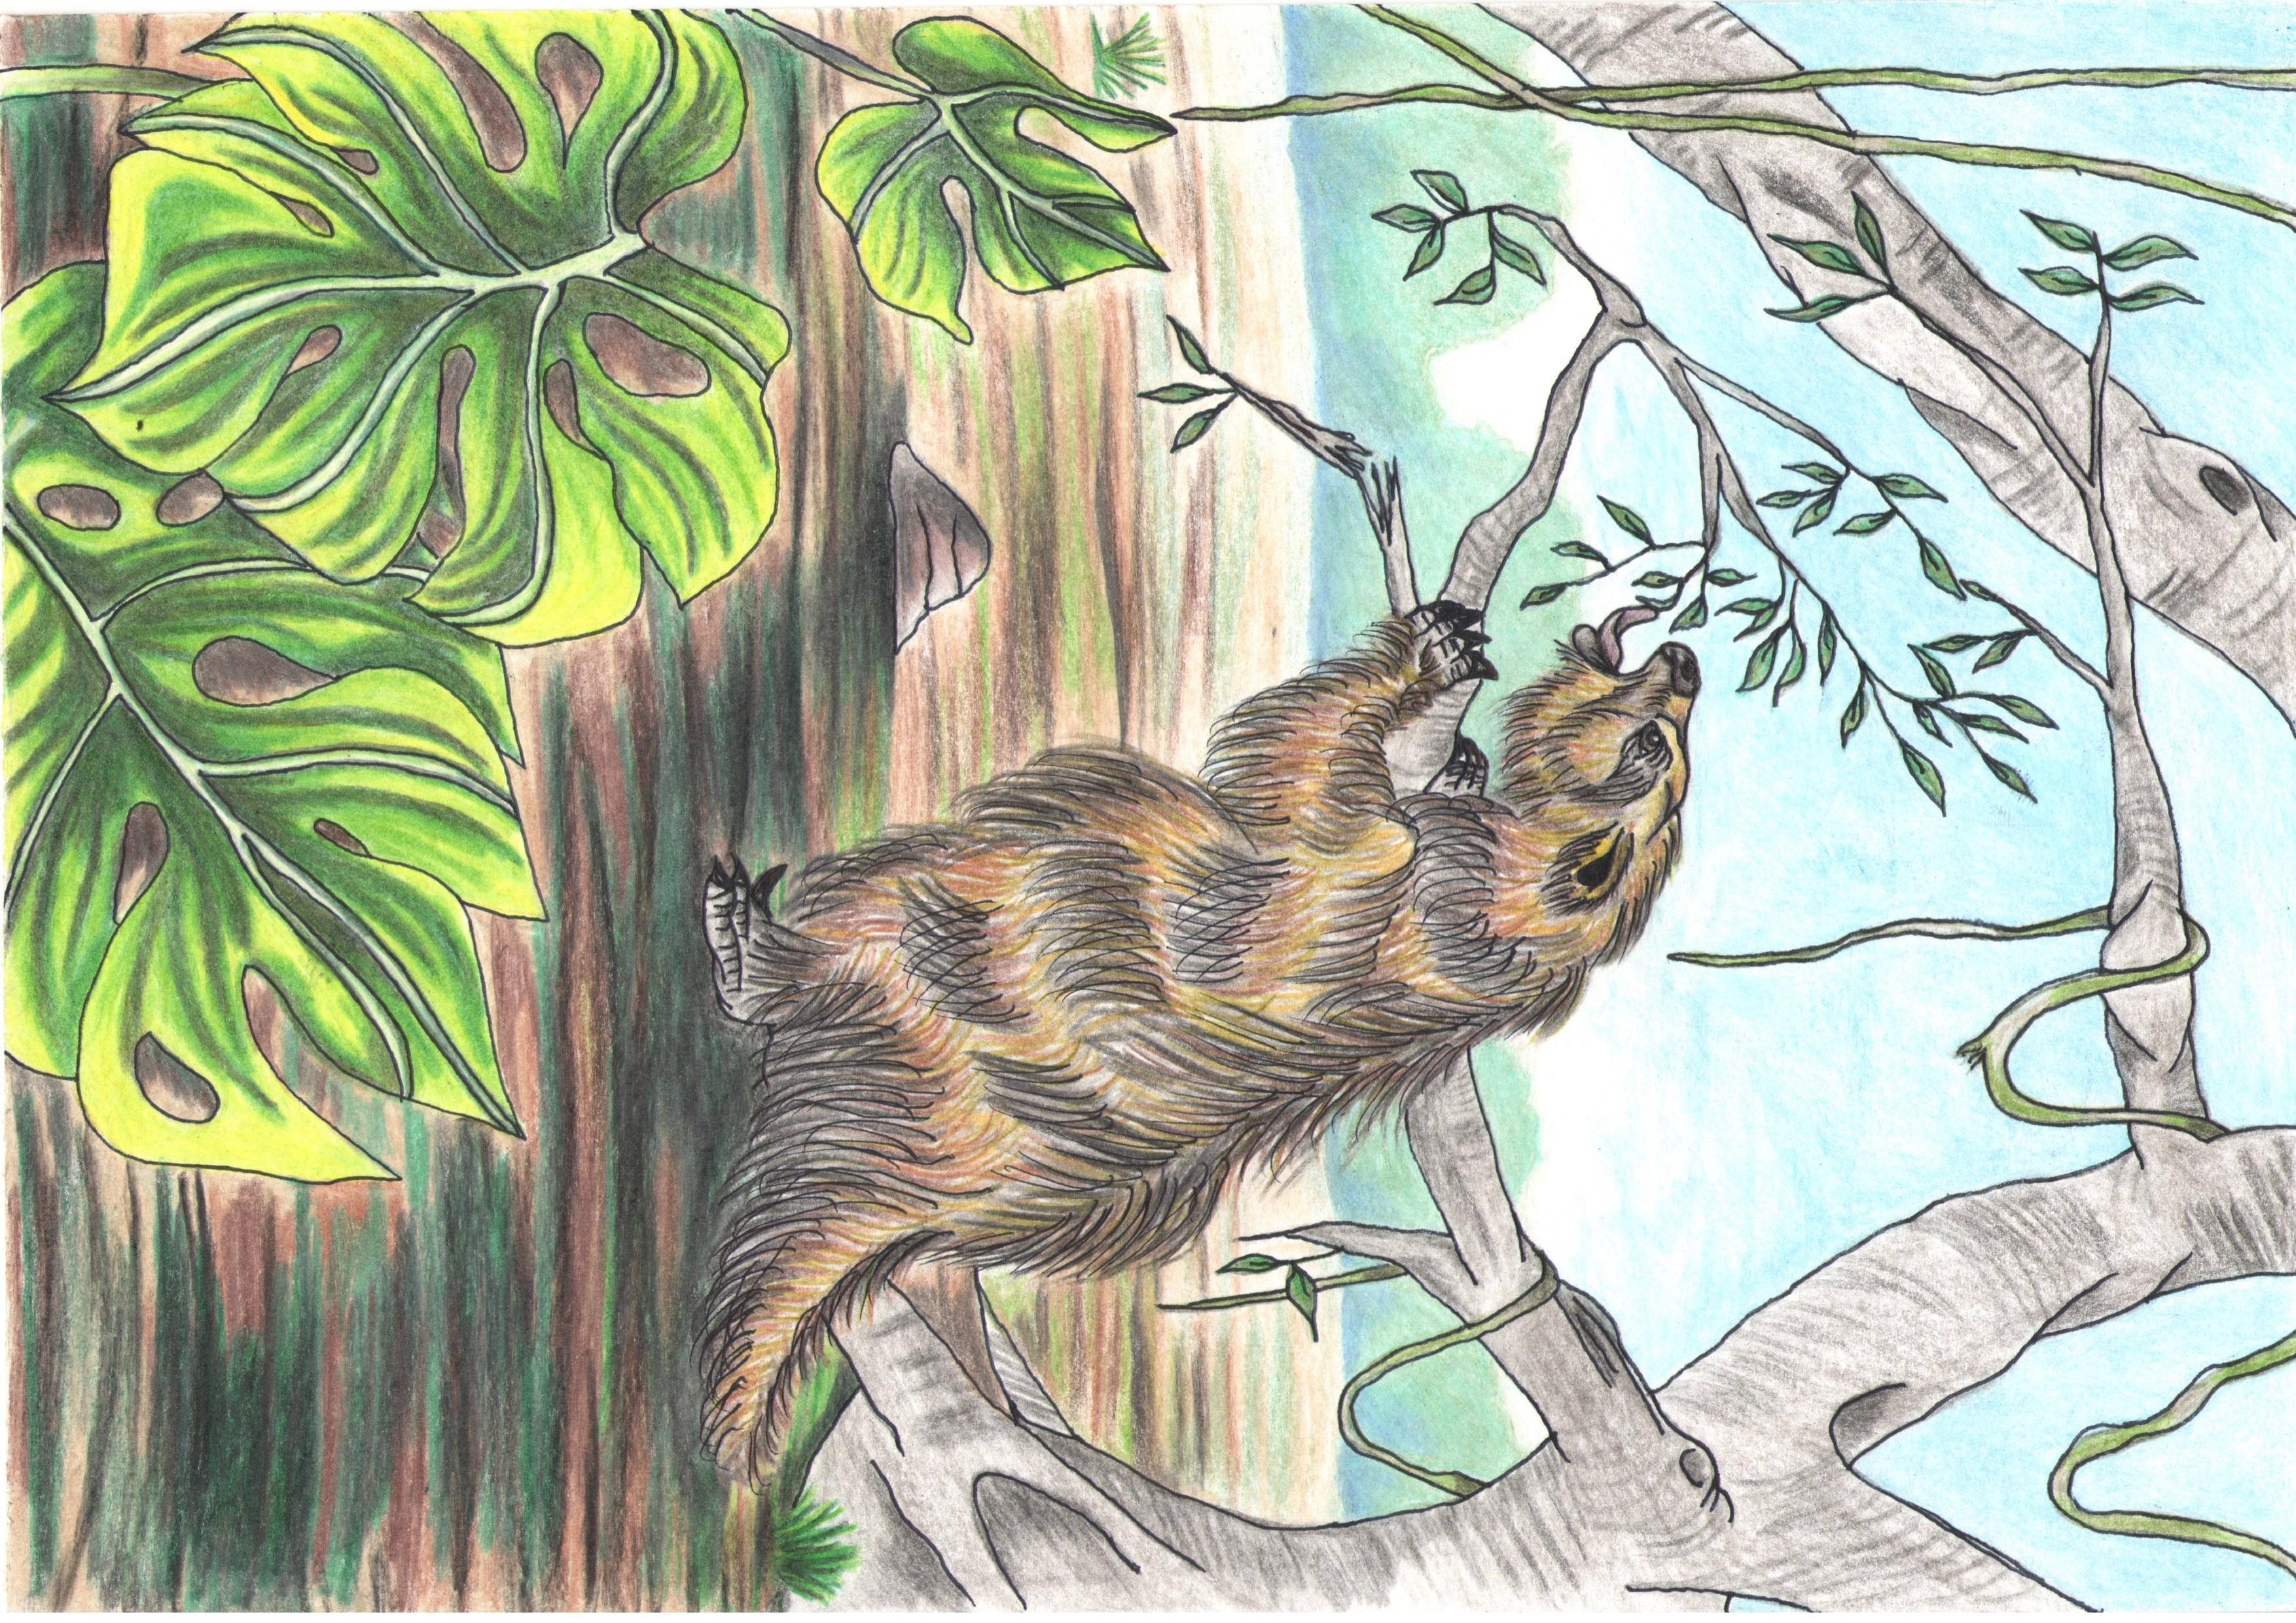 Mateus_Estéfano_Rodrigues__Megatherium.